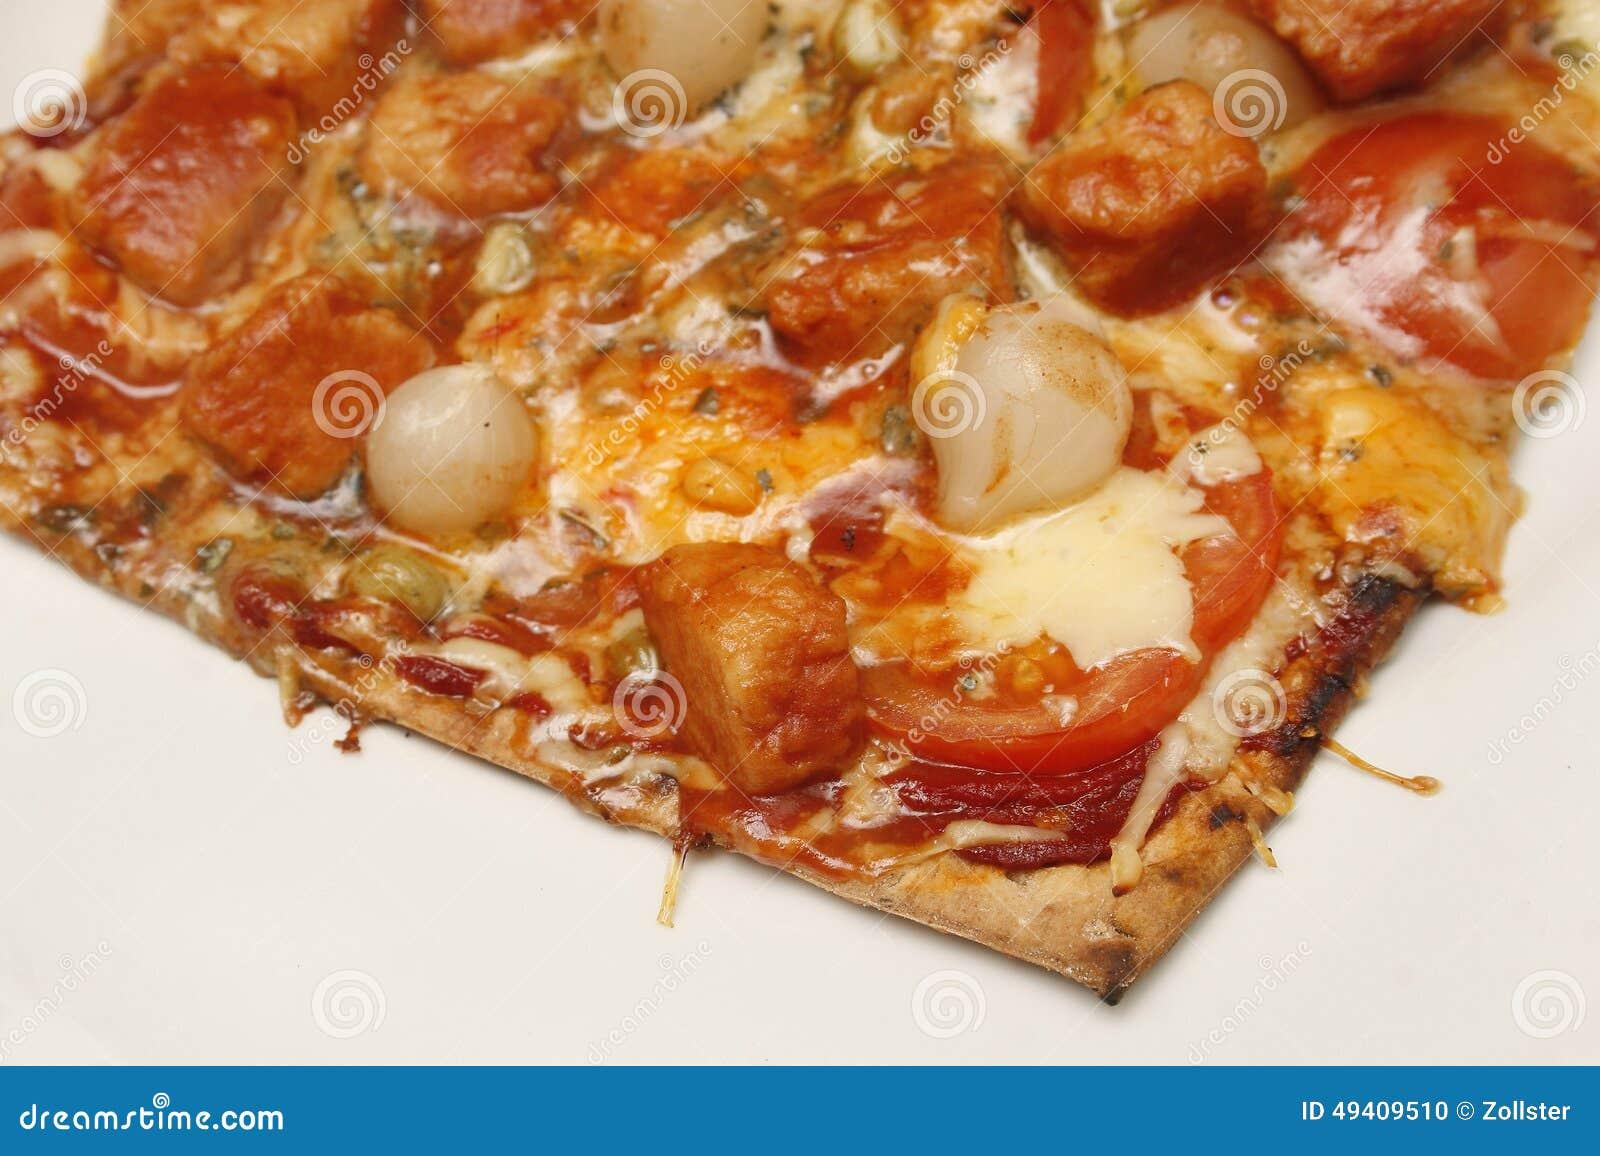 Download Pizza stockfoto. Bild von pizza, selbstgemacht, frisch - 49409510